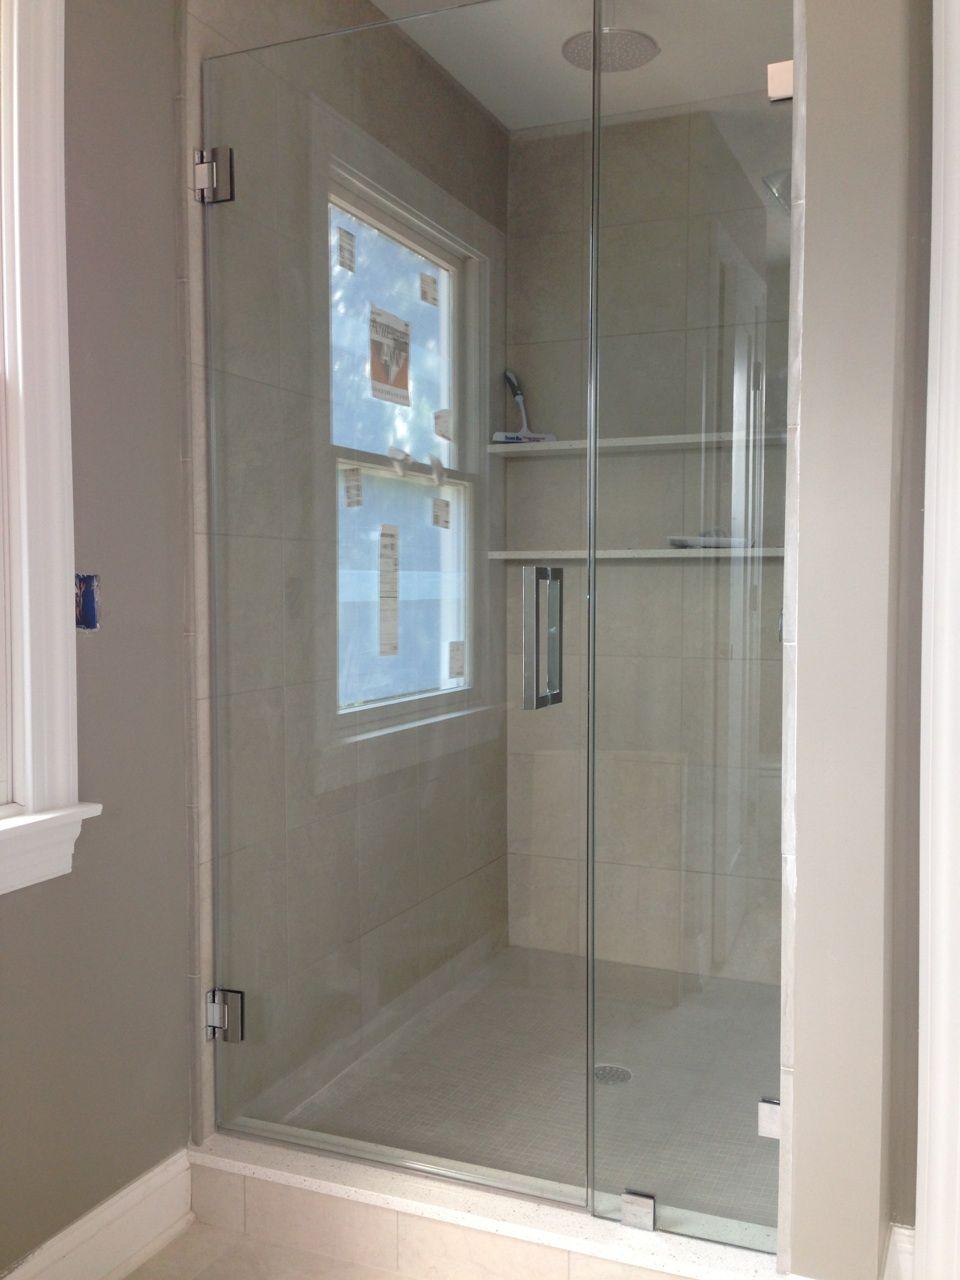 Showerman Frameless Shower Doors New Jersey Shower Doors Nj Custom Frameless Shower Doors Manalapa Shower Doors Frameless Shower Doors Frameless Shower